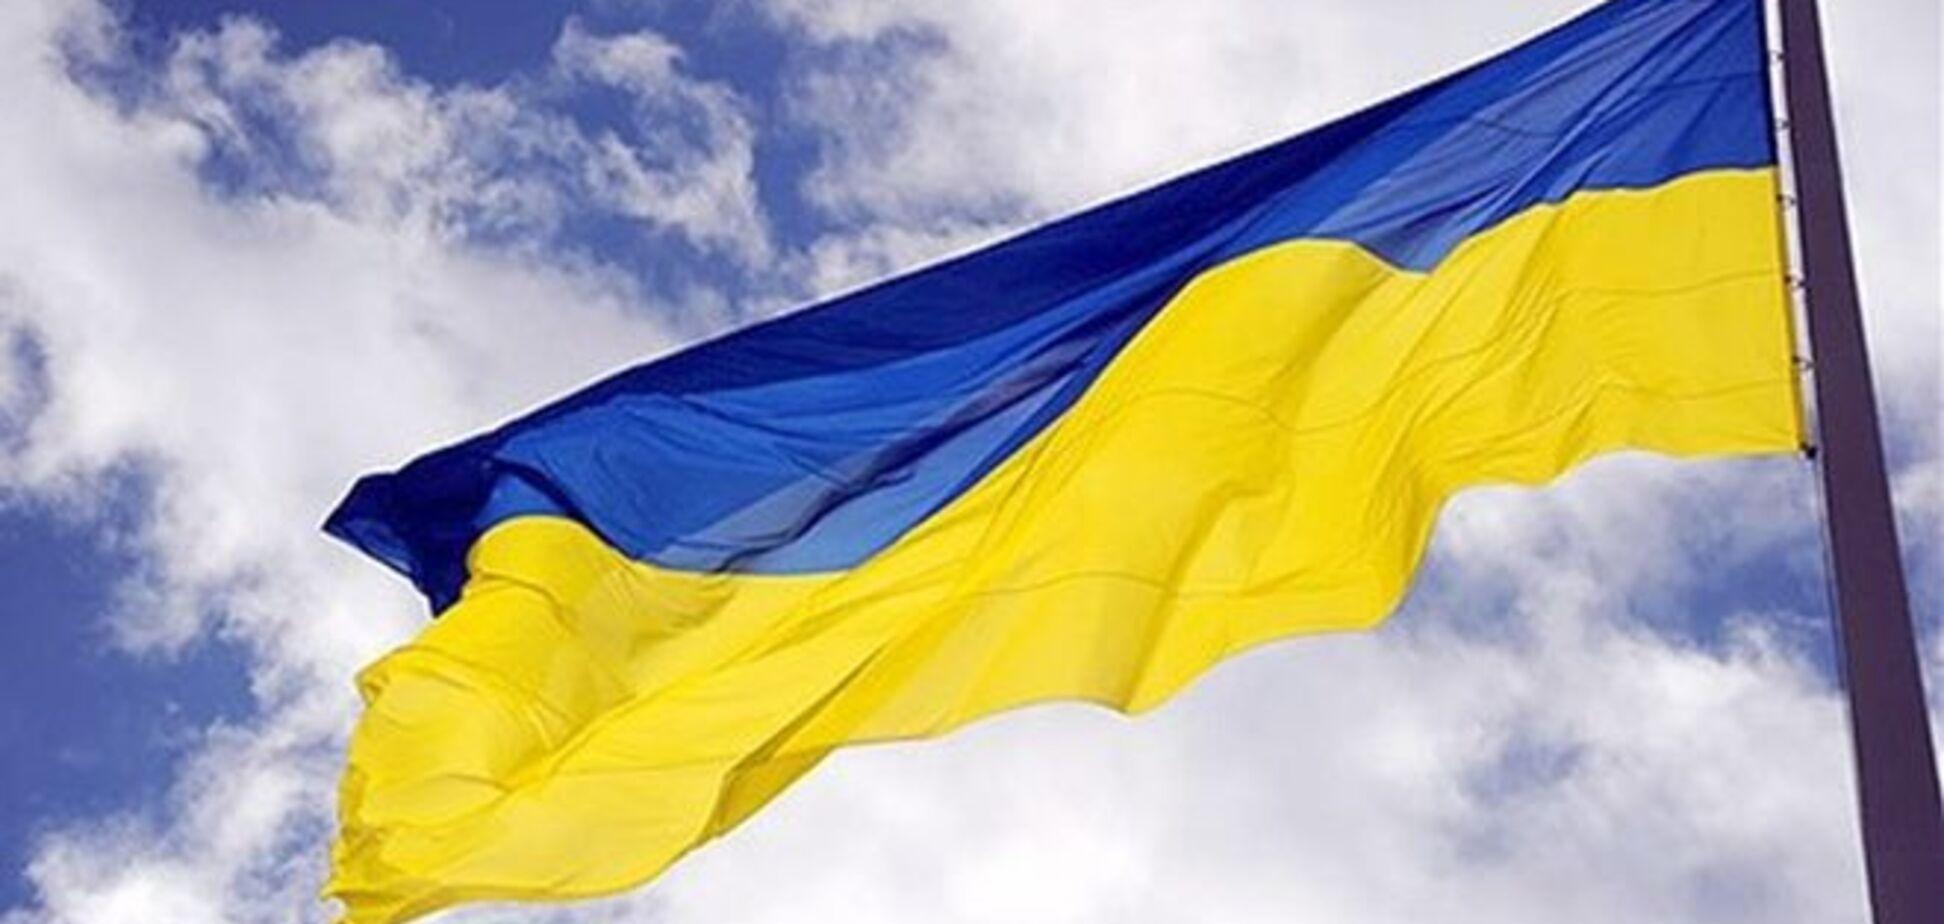 Реклама по-российски: 'стикер'-украинский флаг смывают в унитаз